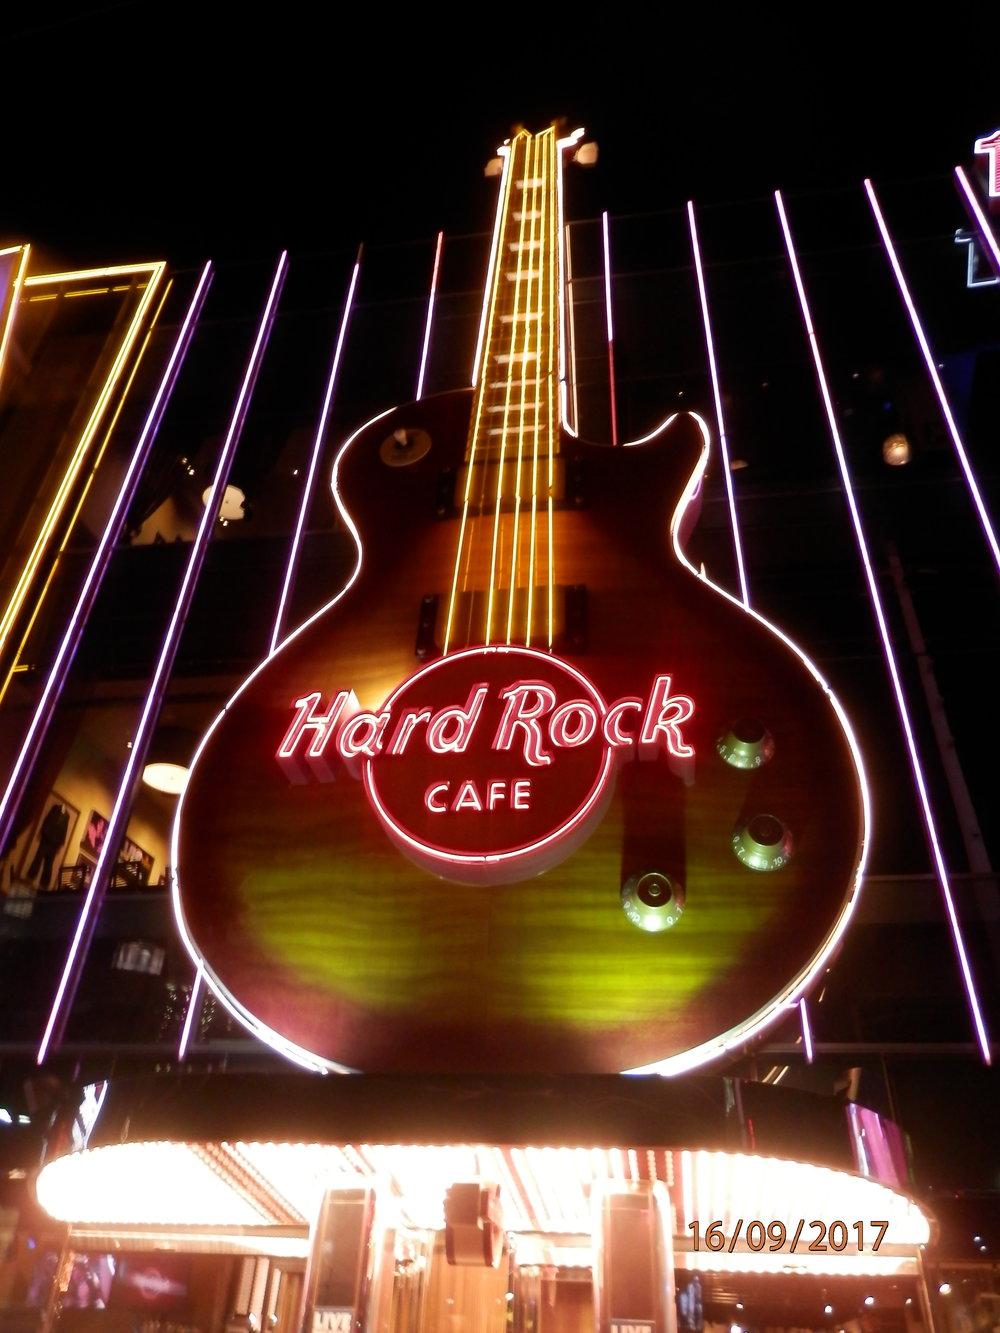 Hard Rock Cafe on loistava ruokapaikka.